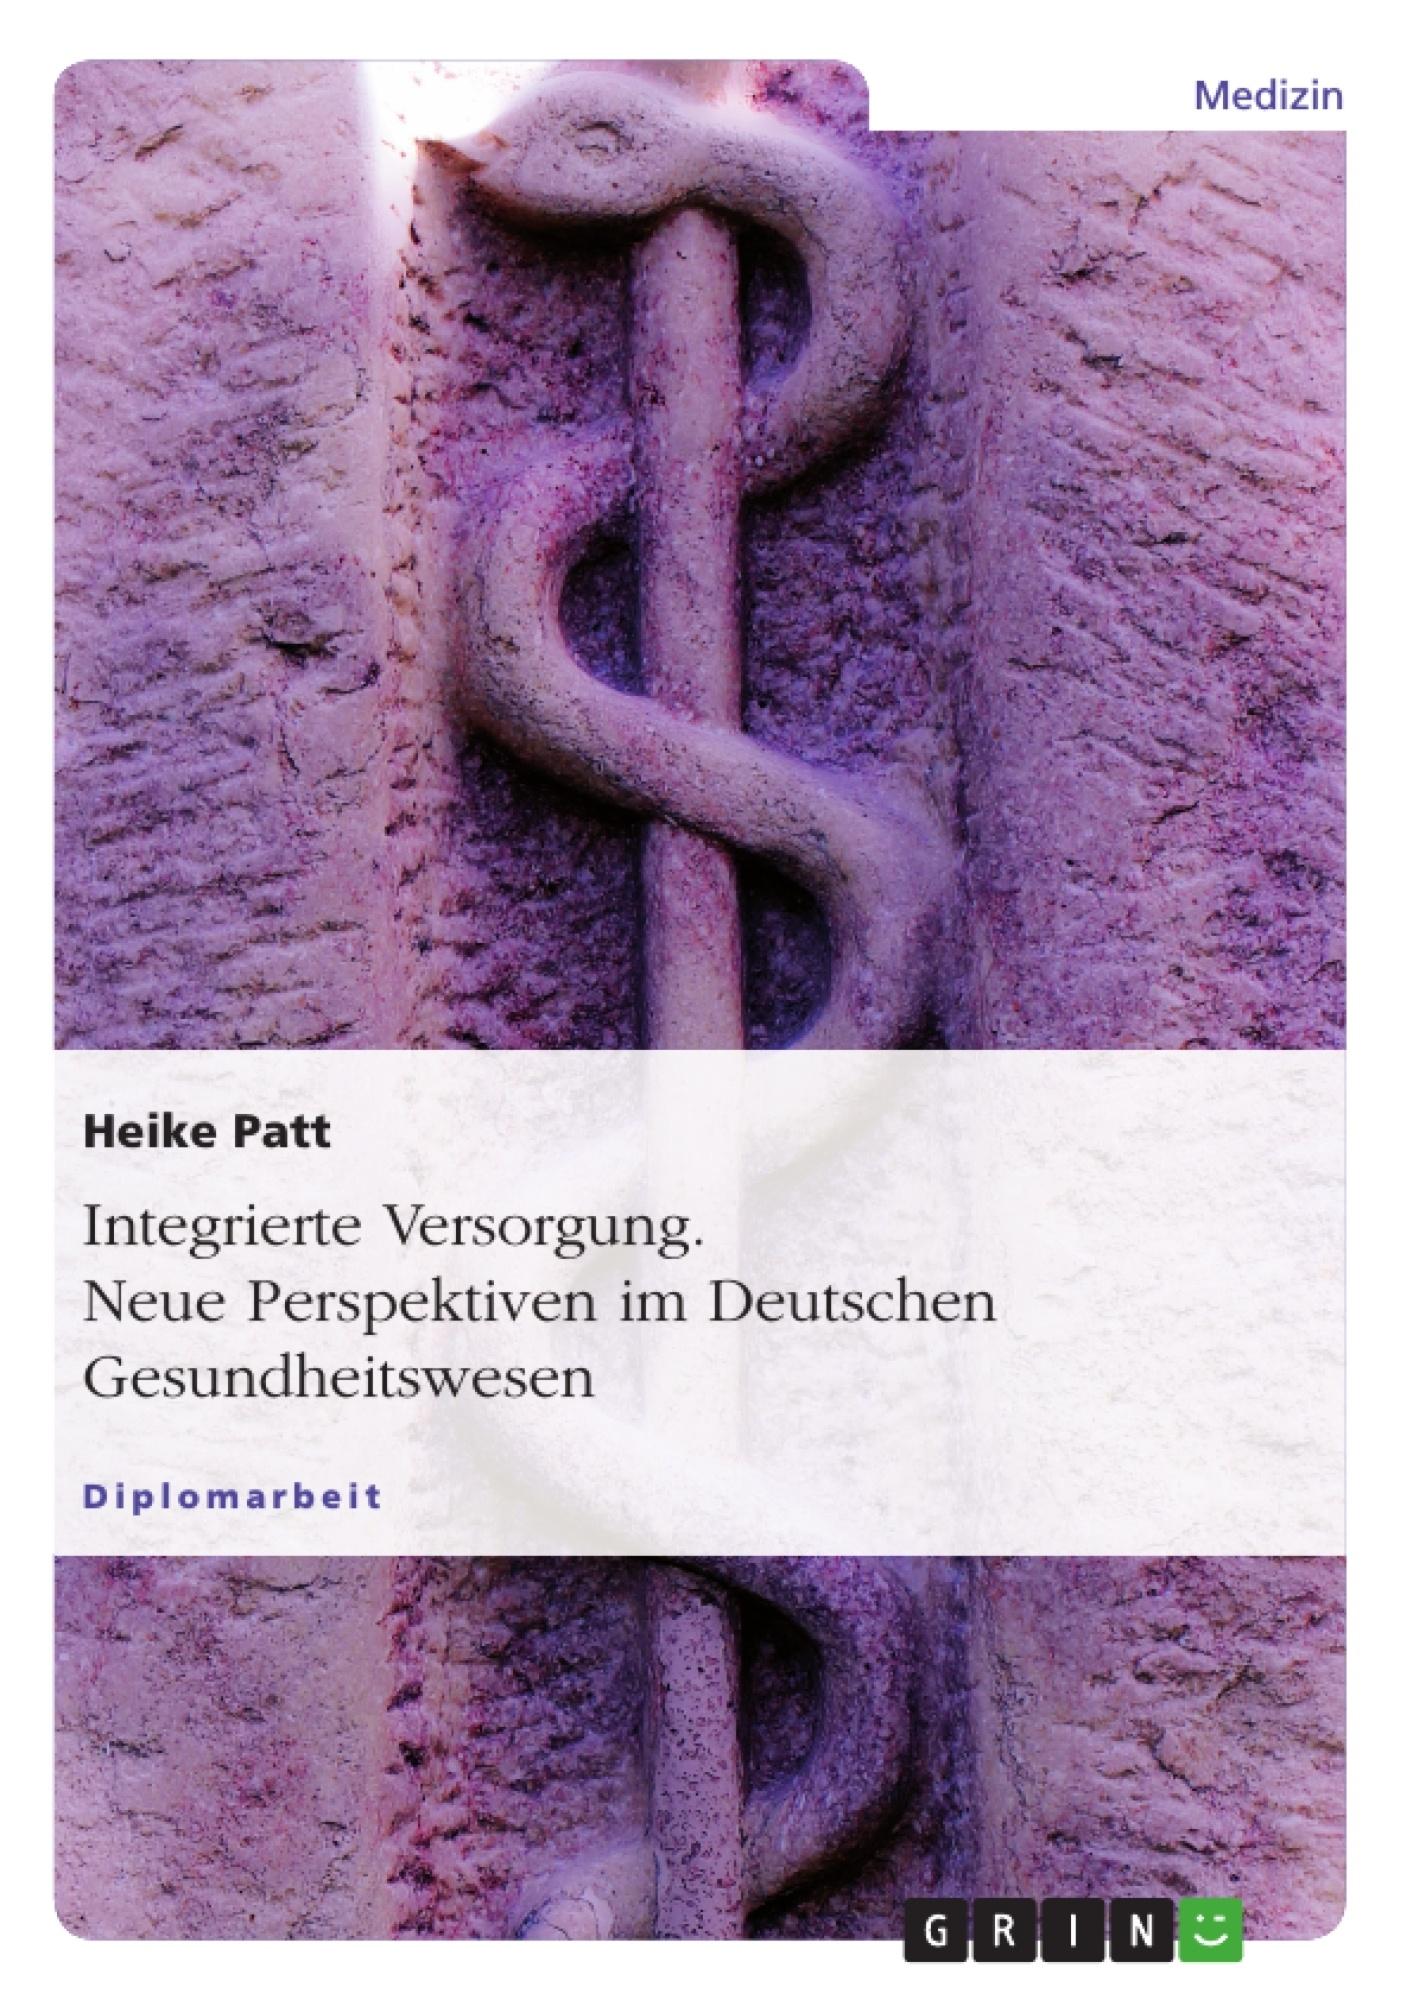 Titel: Integrierte Versorgung. Neue Perspektiven im Deutschen Gesundheitswesen